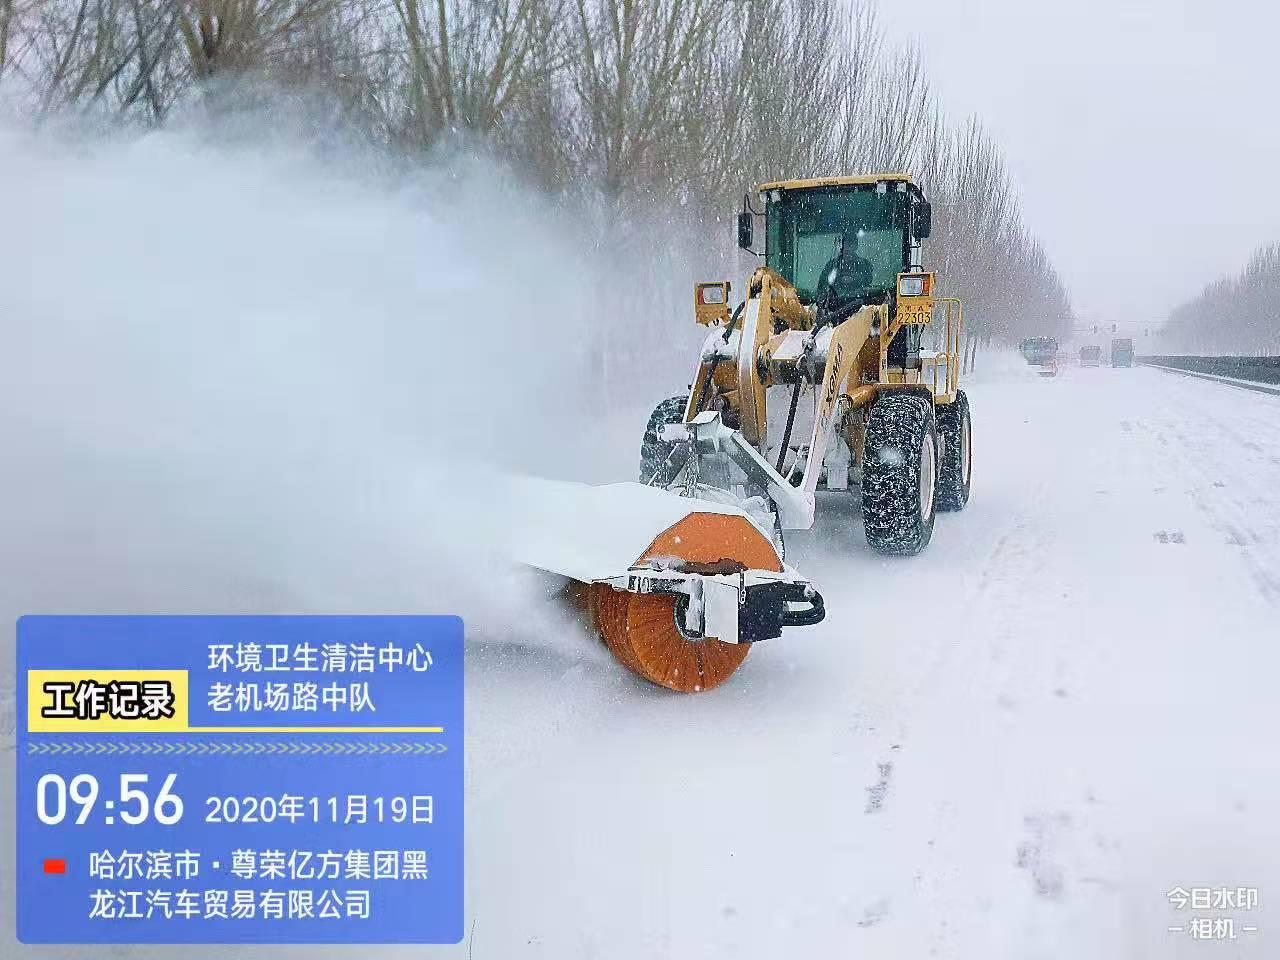 哈尔滨市道里区战暴雪 破难题 保交通